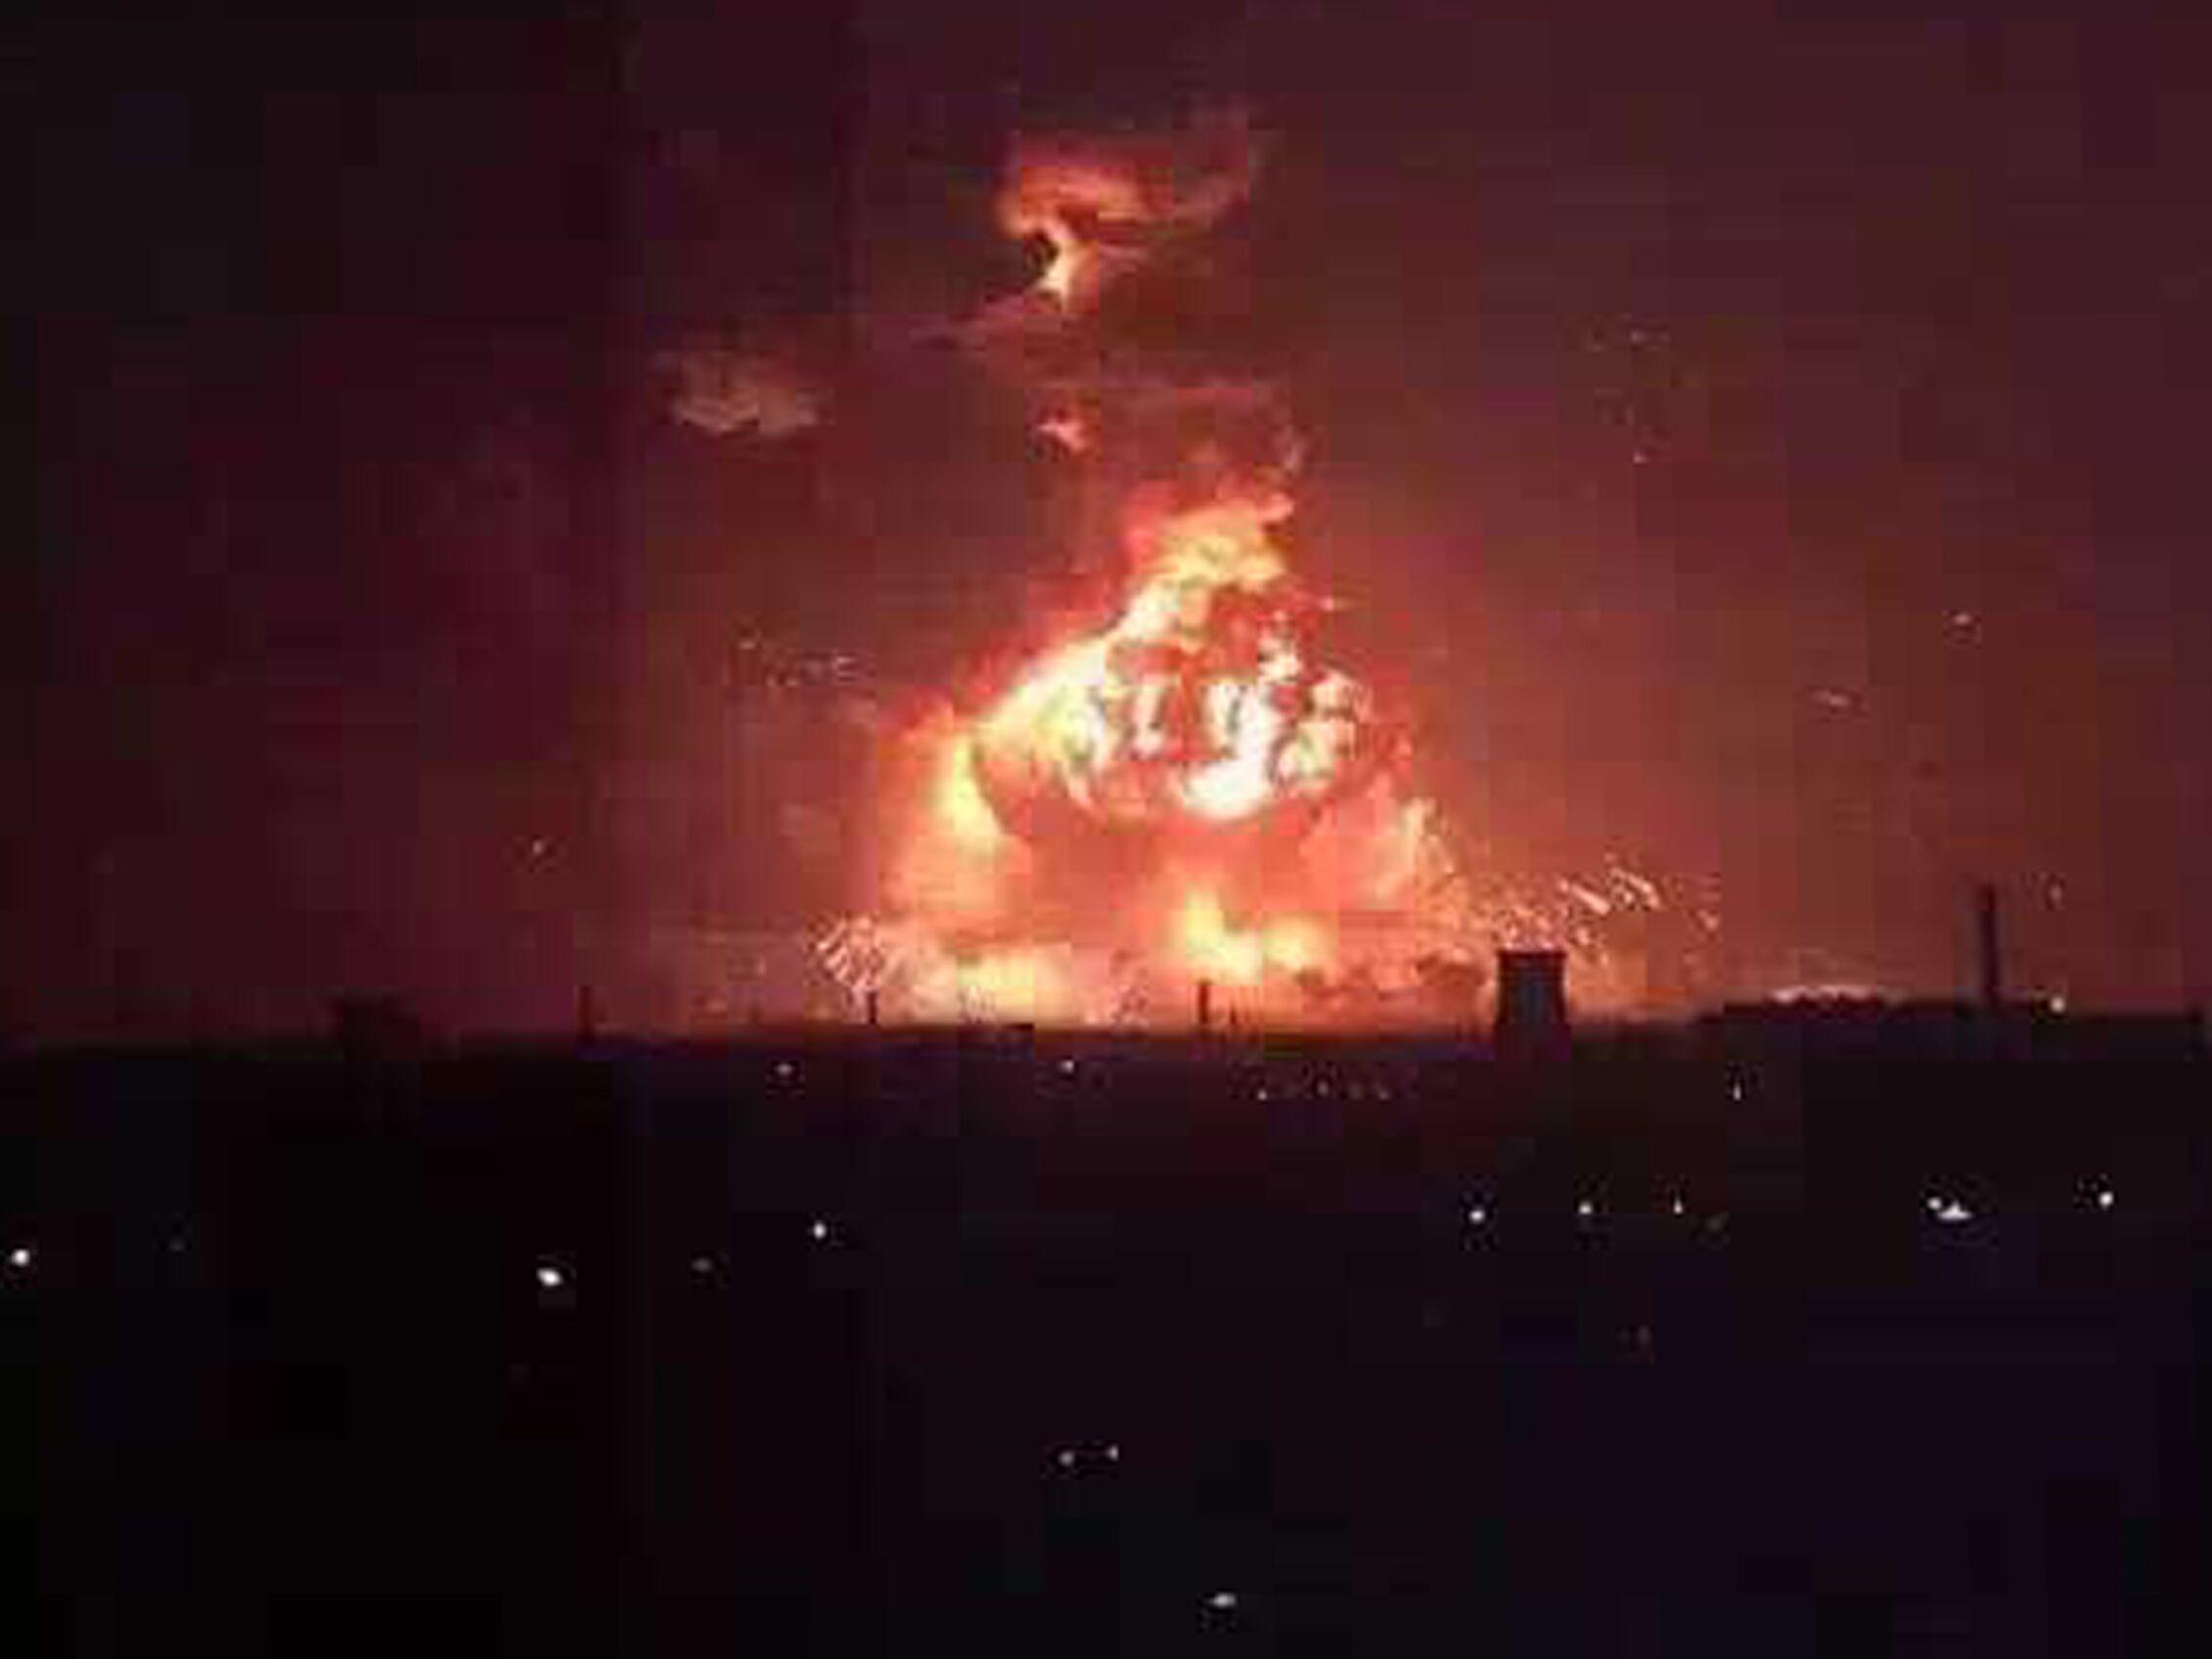 震惊!实拍天津开发区大爆炸 跟世界末日来了一样